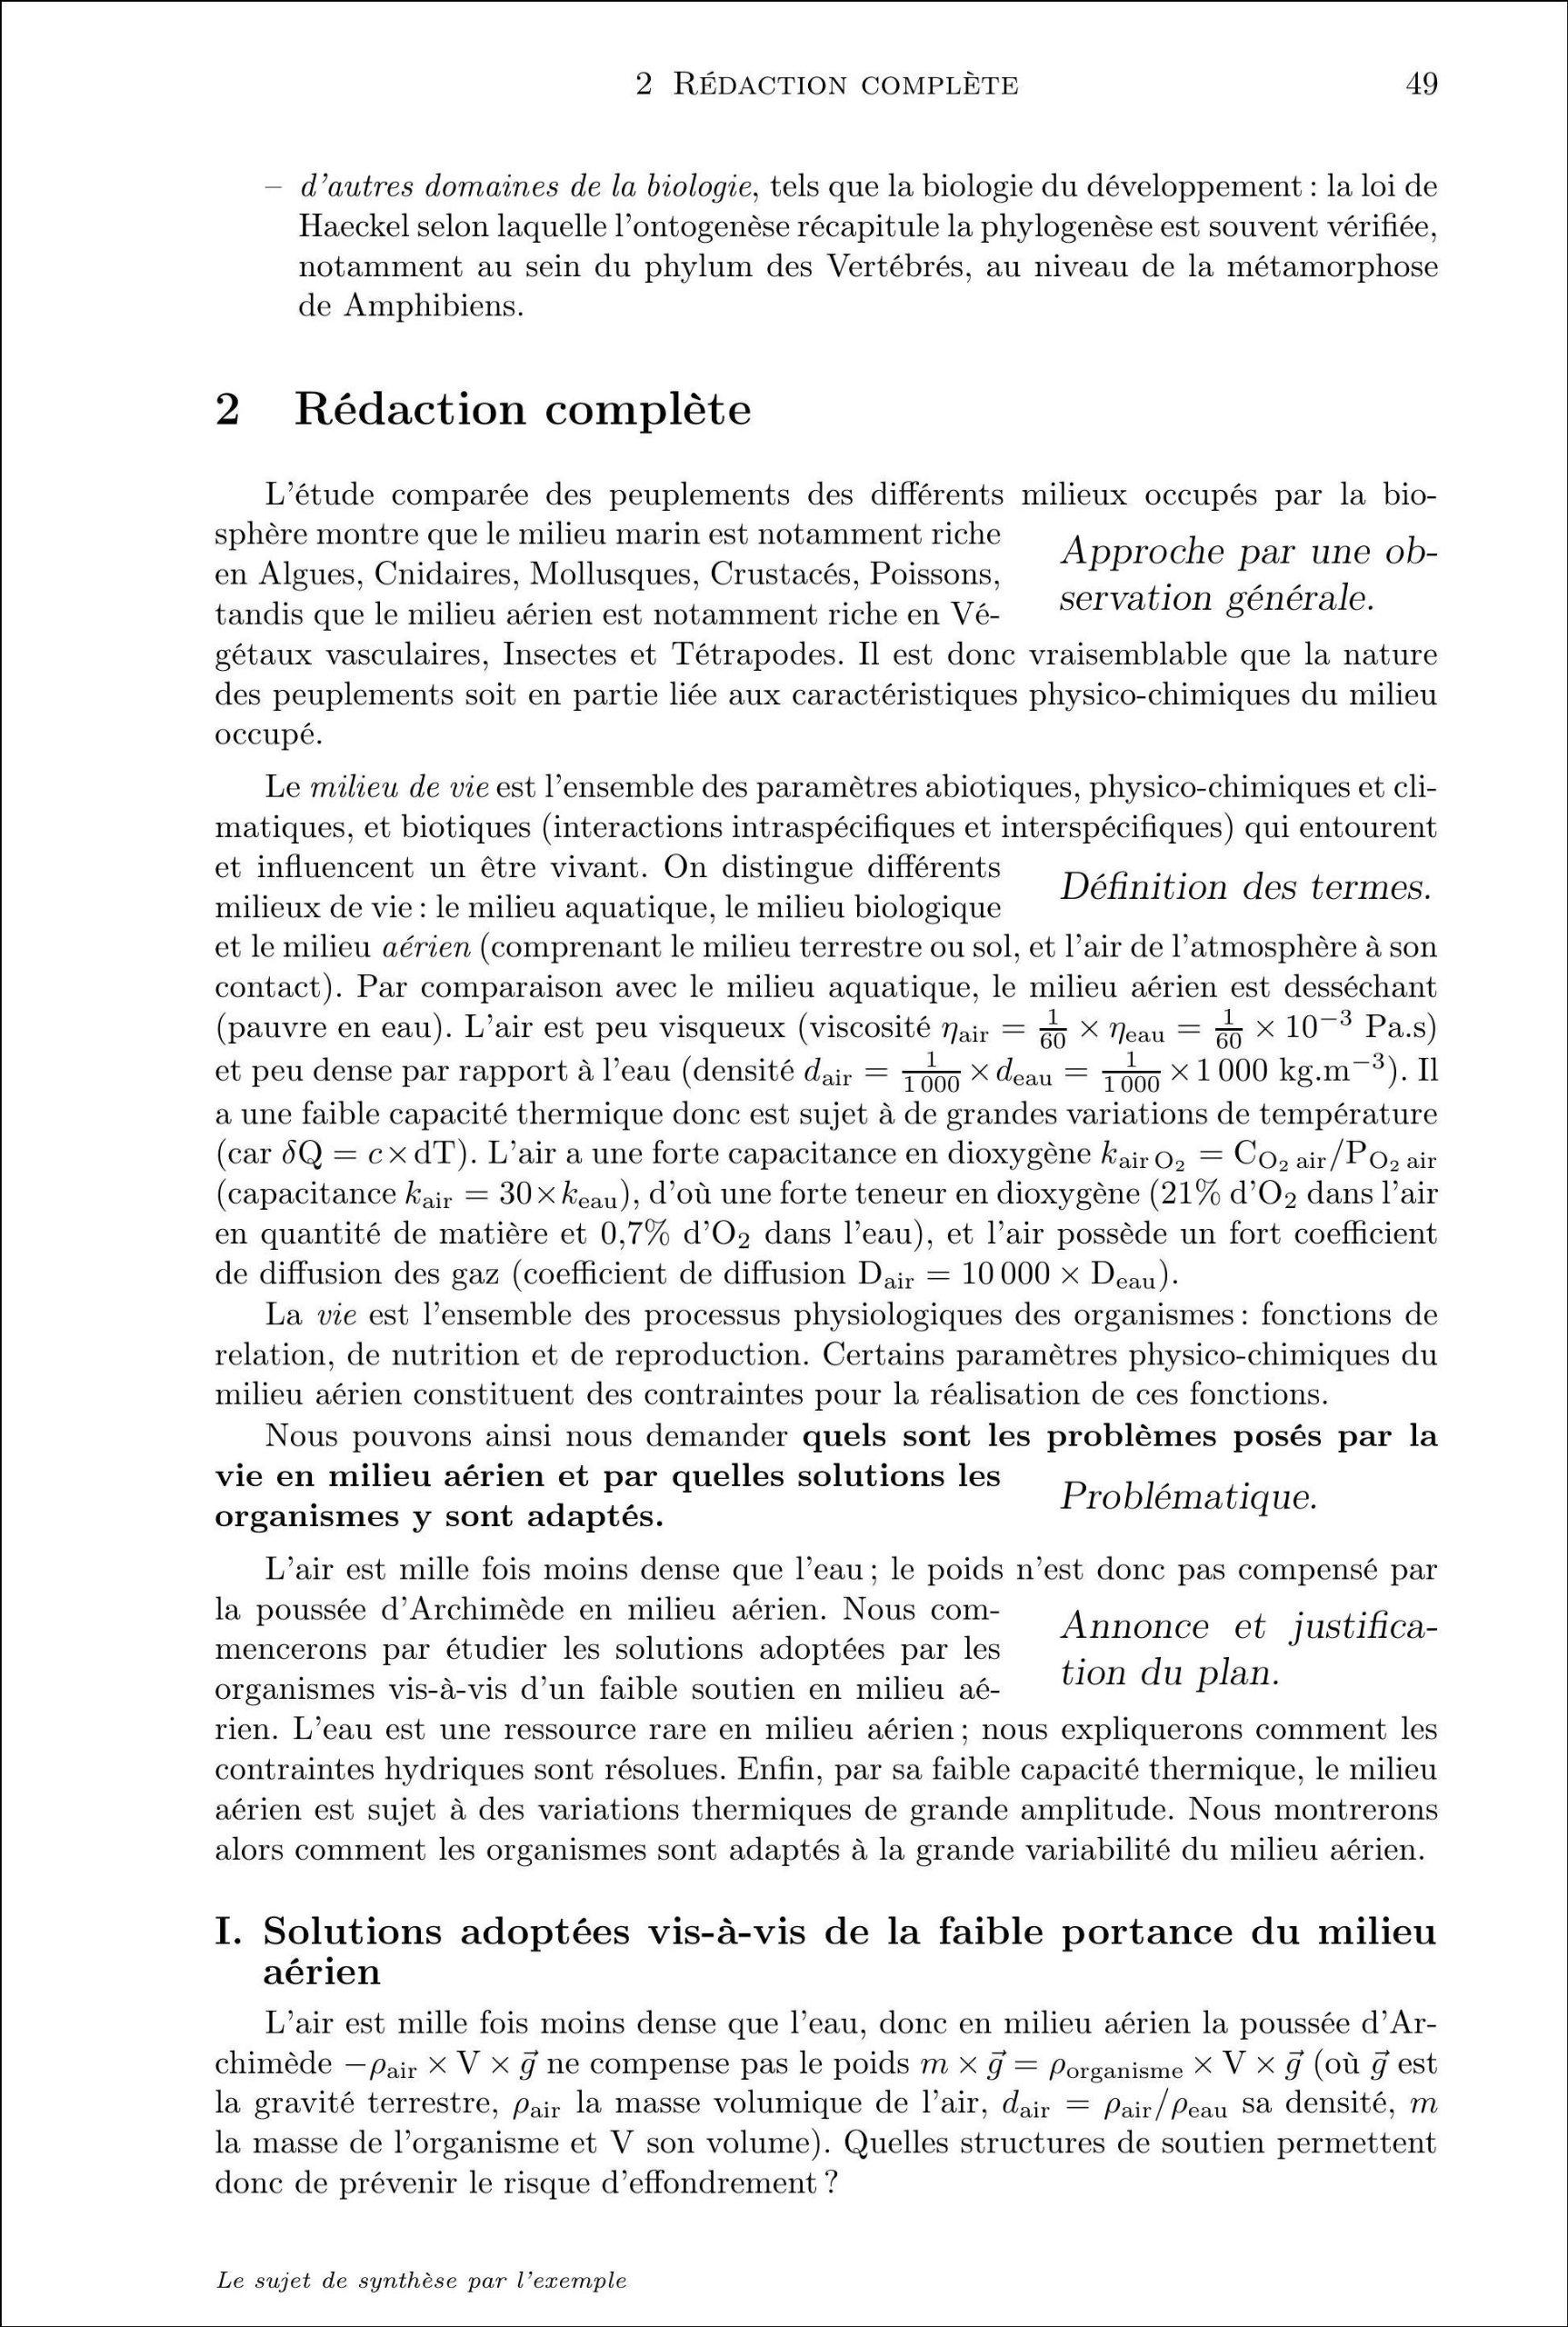 Amazon In Buy Le Sujet De Synthese Par L Exemple Book Online At Low Prices In India Le Sujet De Synthese Par L Exemple Reviews Ratings